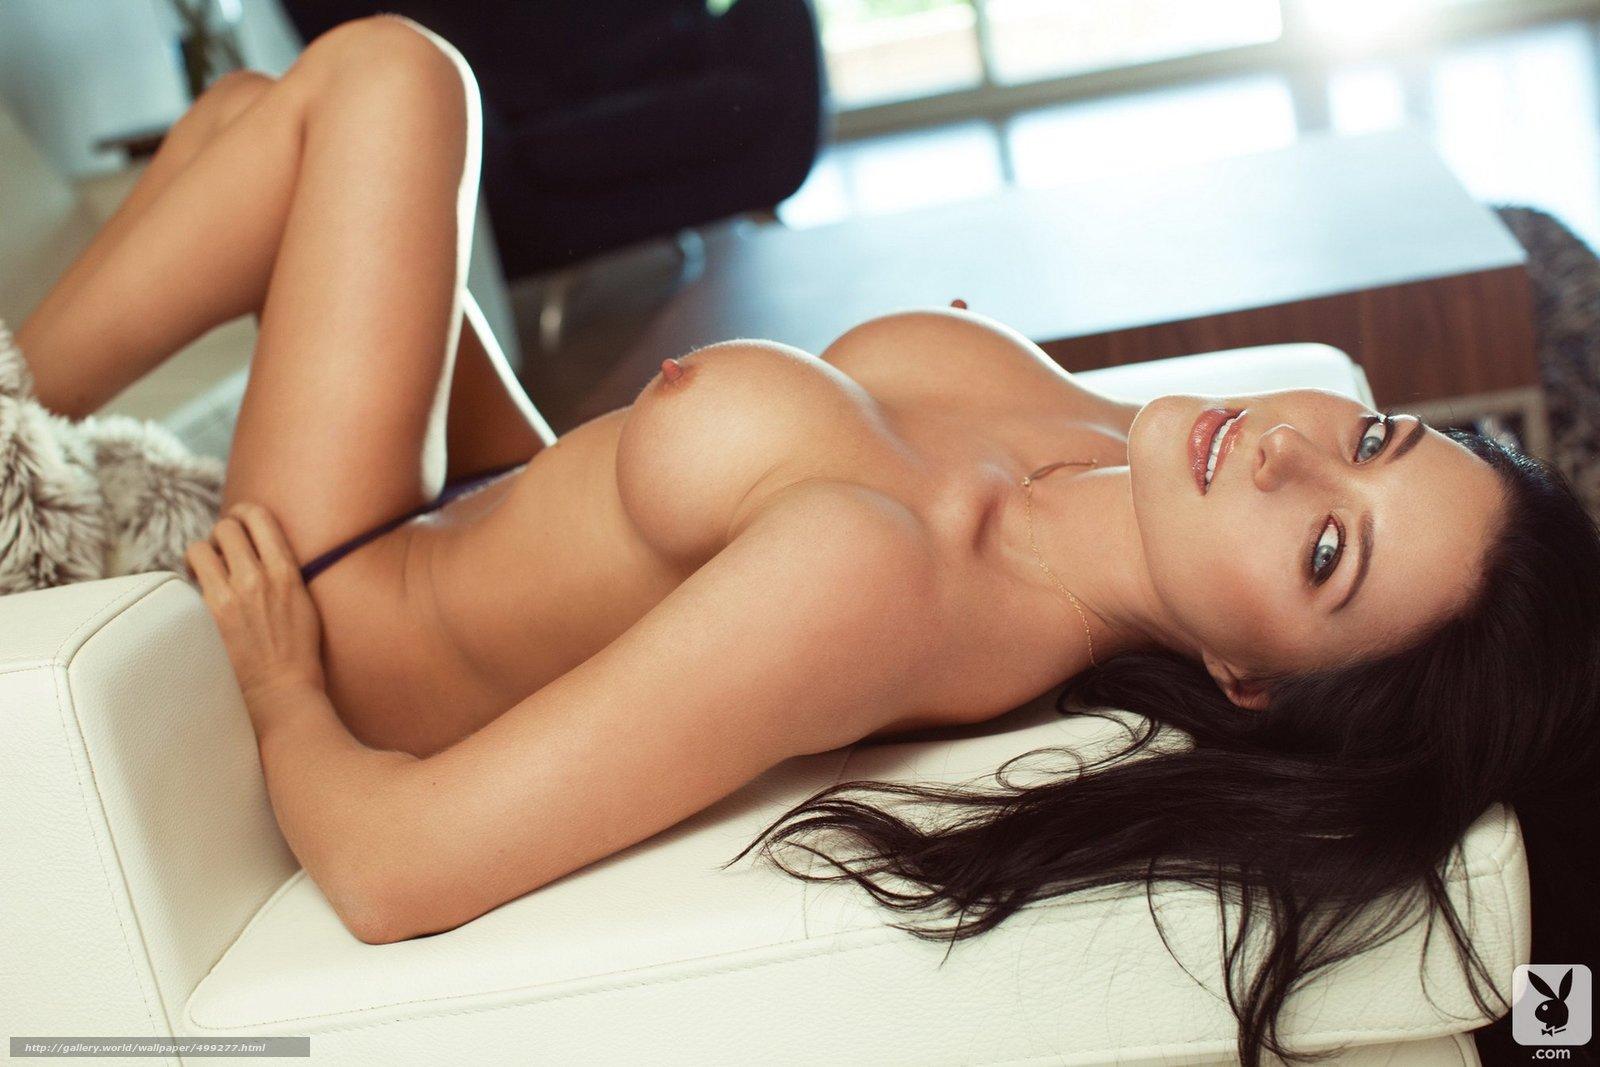 Самые красивые девушки в порноhd 14 фотография